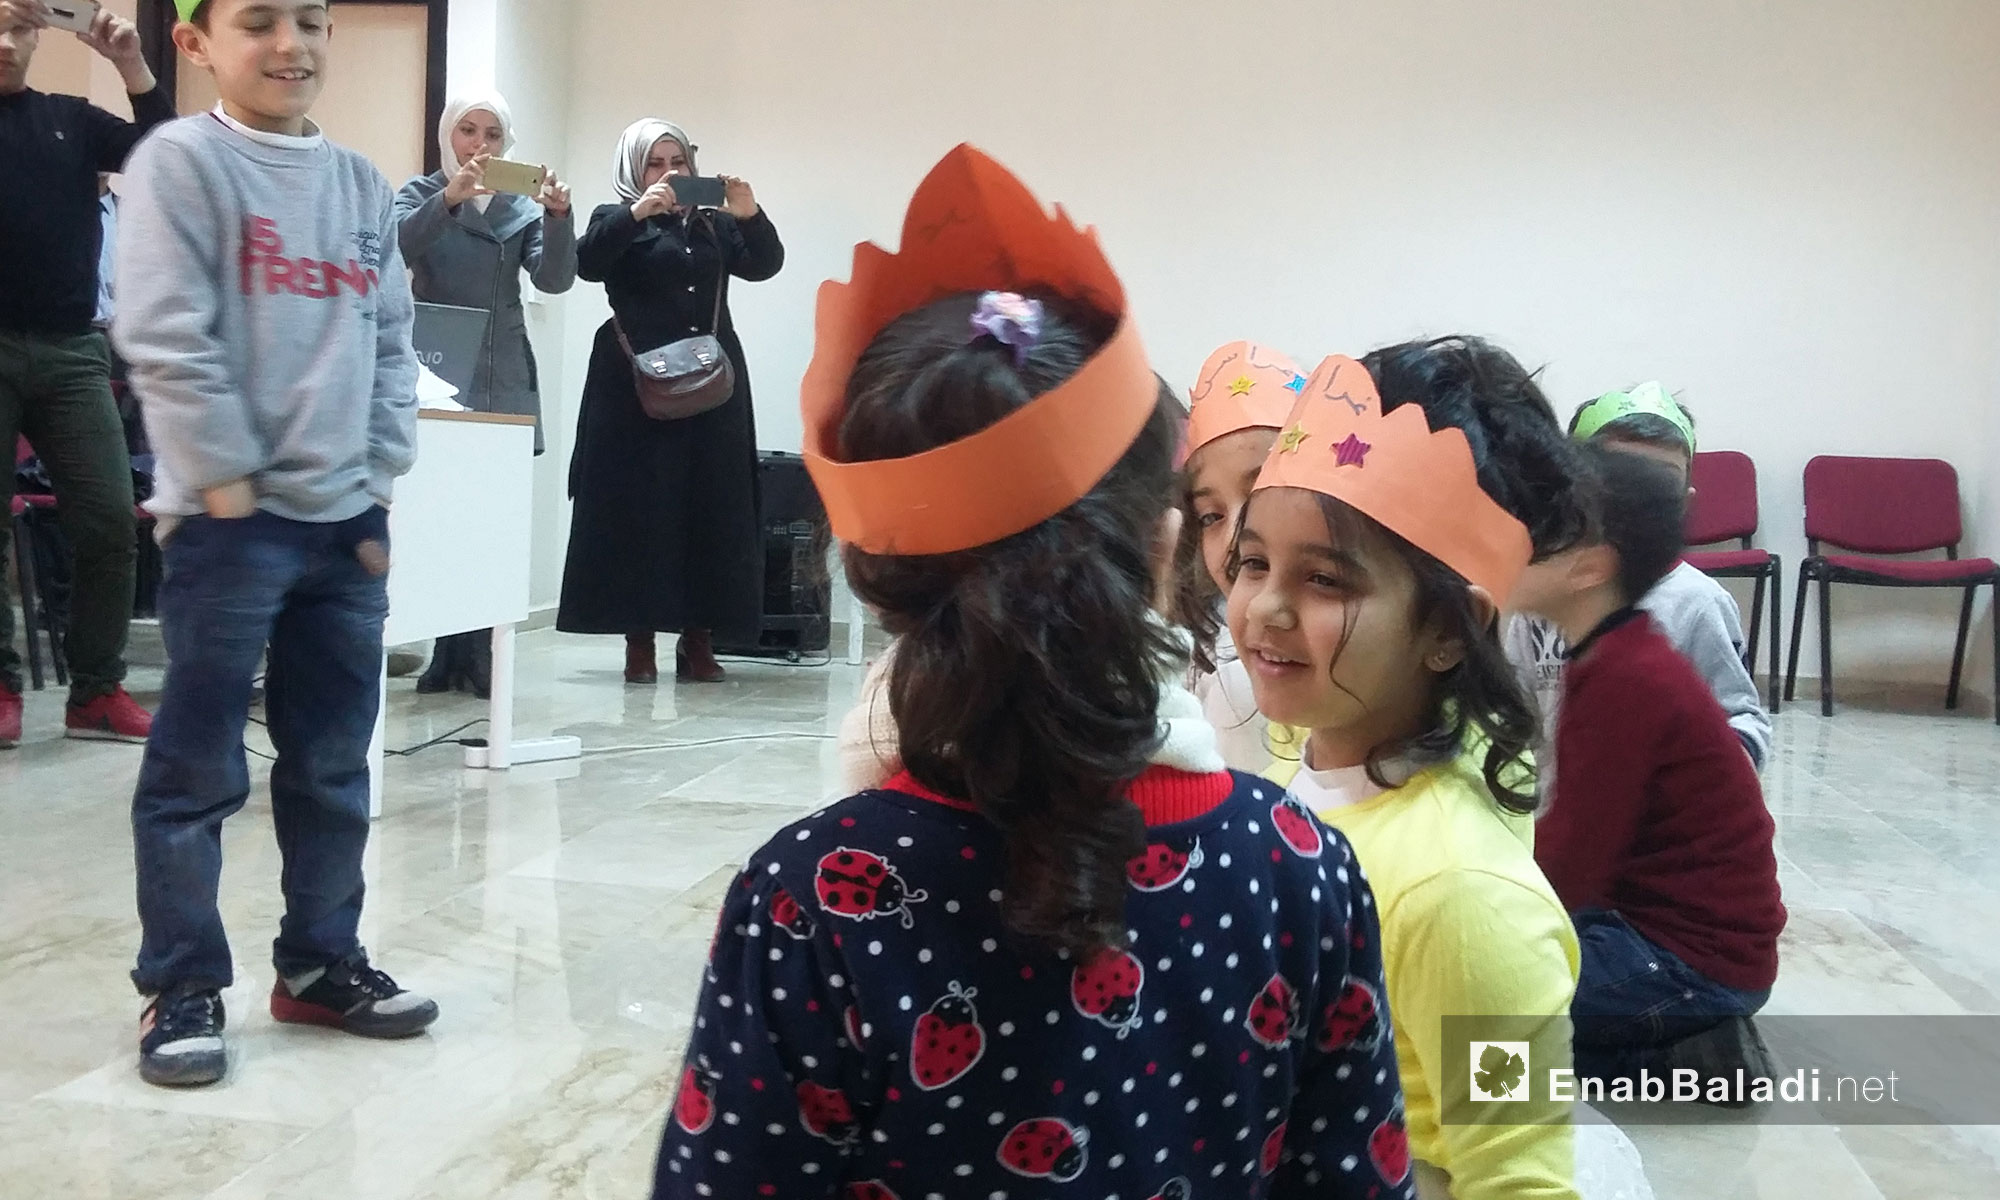 الفعاليات تهدف إلى مساعدة الأطفال ودعمهم نفسيًا